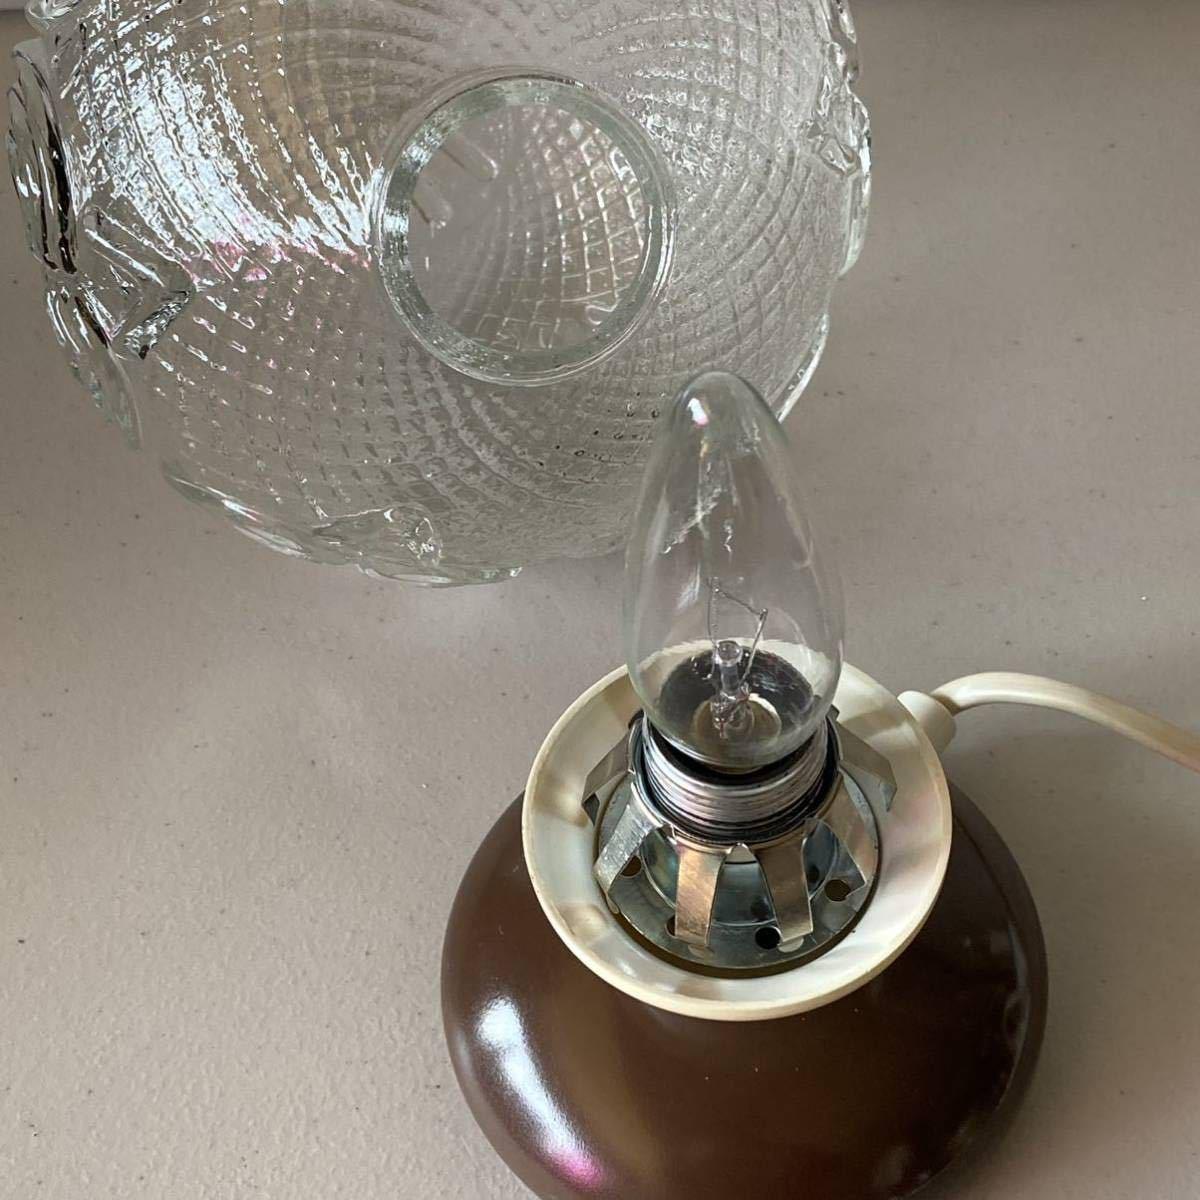 ドイツ70's ヴィンテージ デスクライト テーブル ランプ インテリア照明 レトロ スペースエイジ 卓上ランプ _画像10